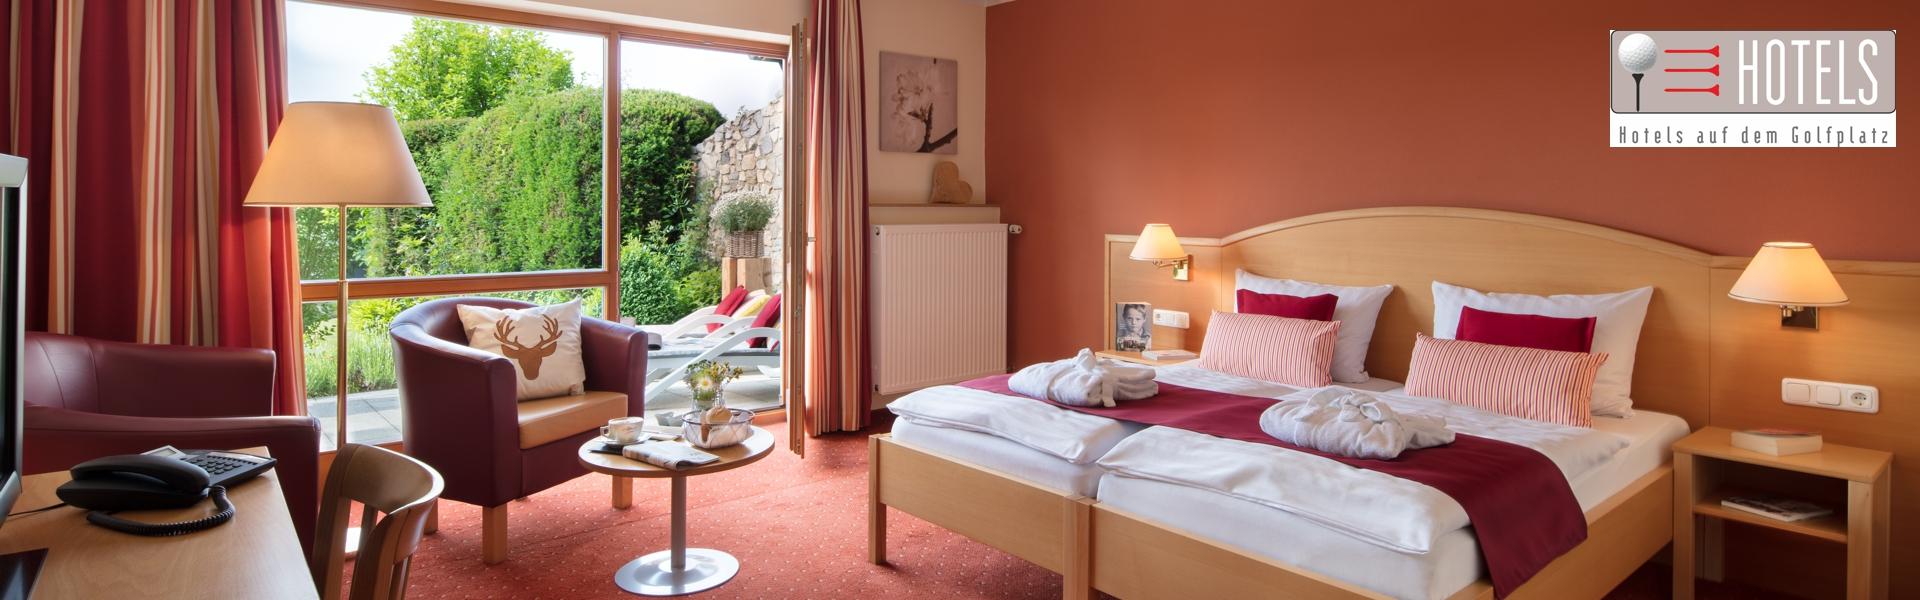 Zimmer mit Frühstück im Golf- und Landhotel Anetseder 1920x600x72